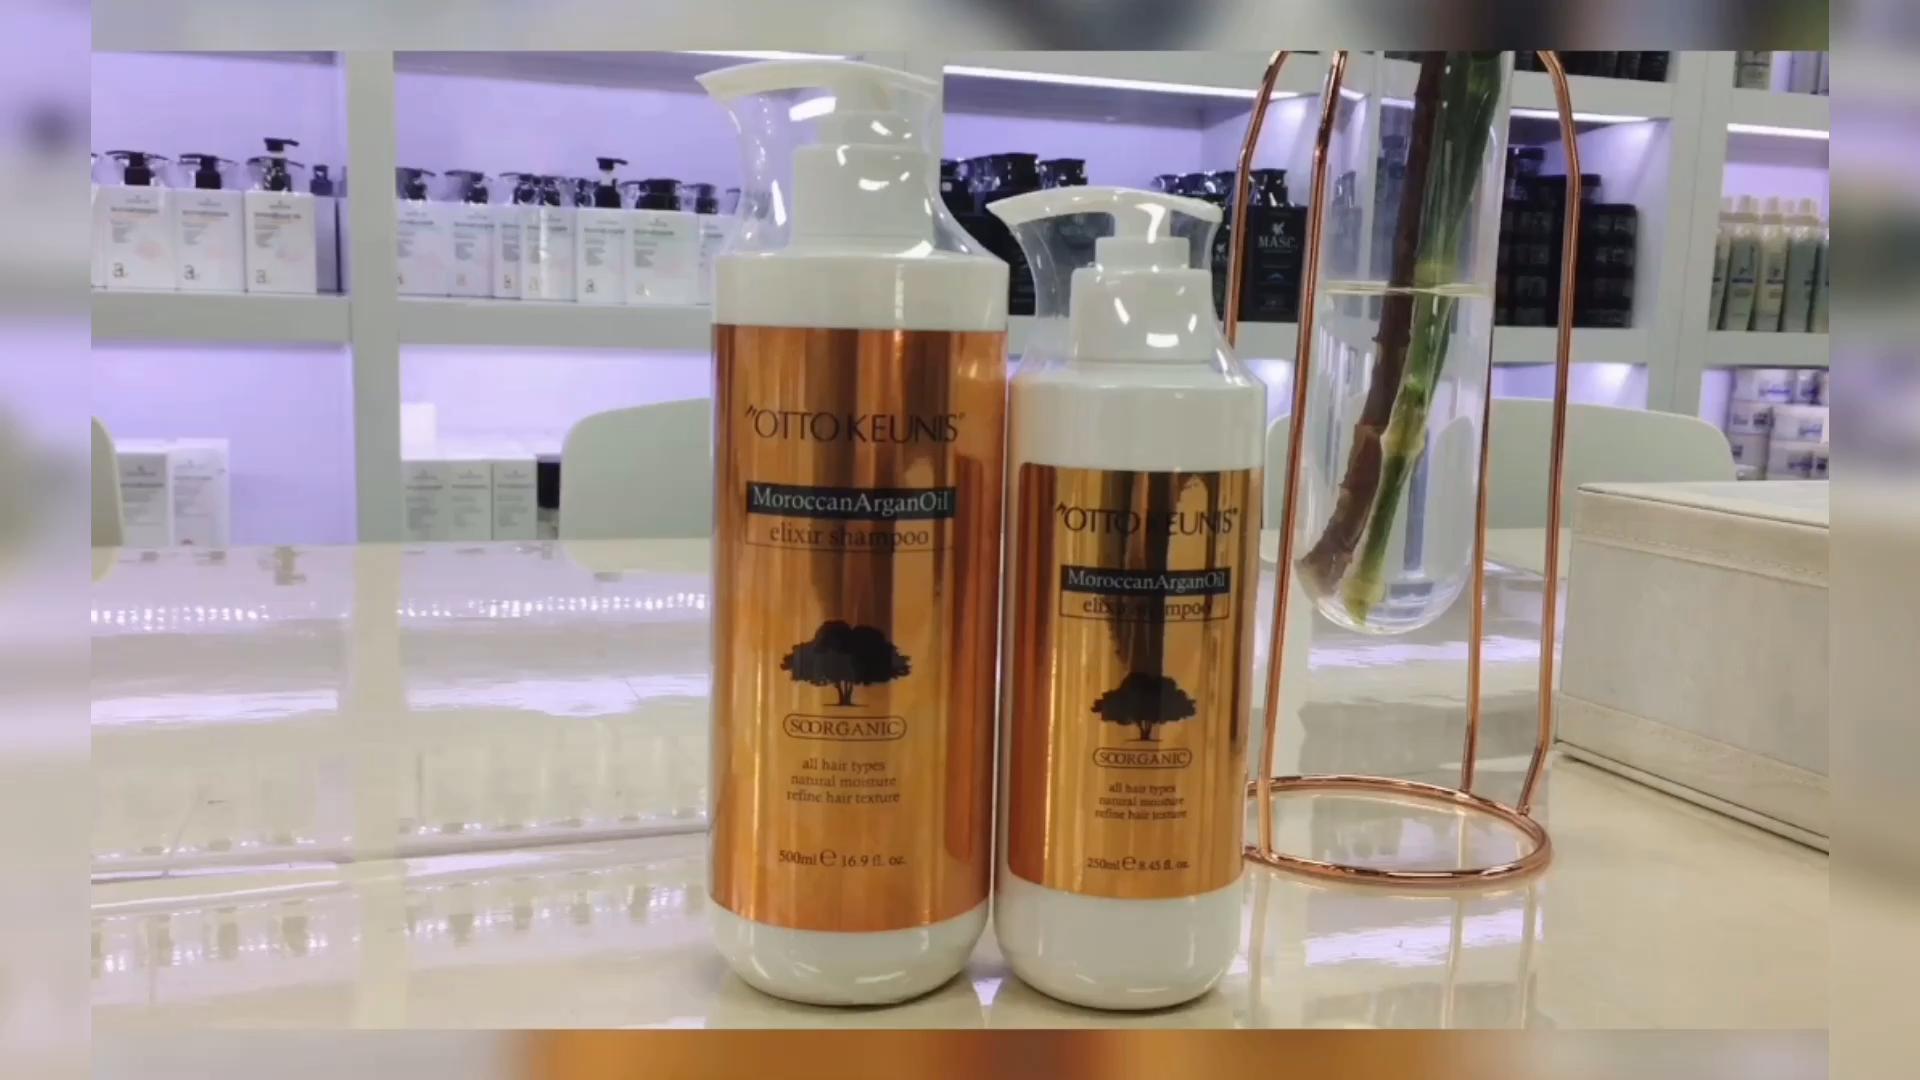 Angepasst Logo Creat Ihre Eigene Marke Arganöl Shampoo und Conditioner Organischen Kopfhaut Pflege Haar Produkt